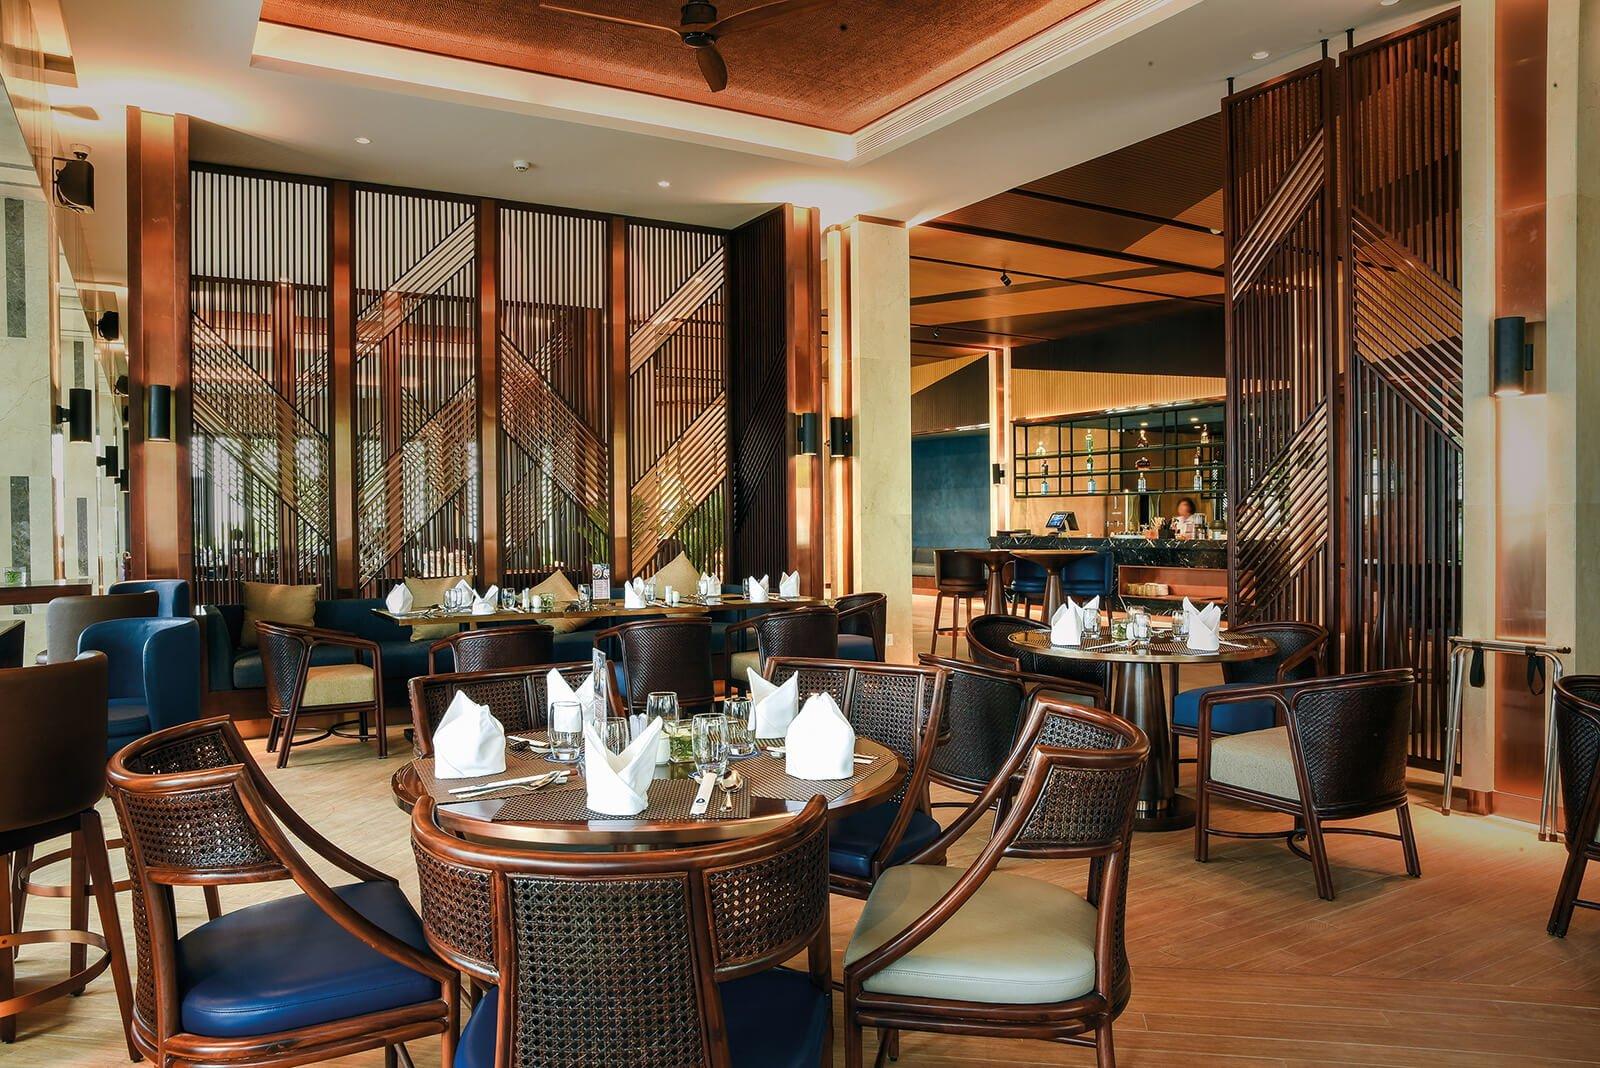 Trung tâm ẩm thực sang trọng tại khu nghĩ dưỡng Sunbay Ninh Thuận